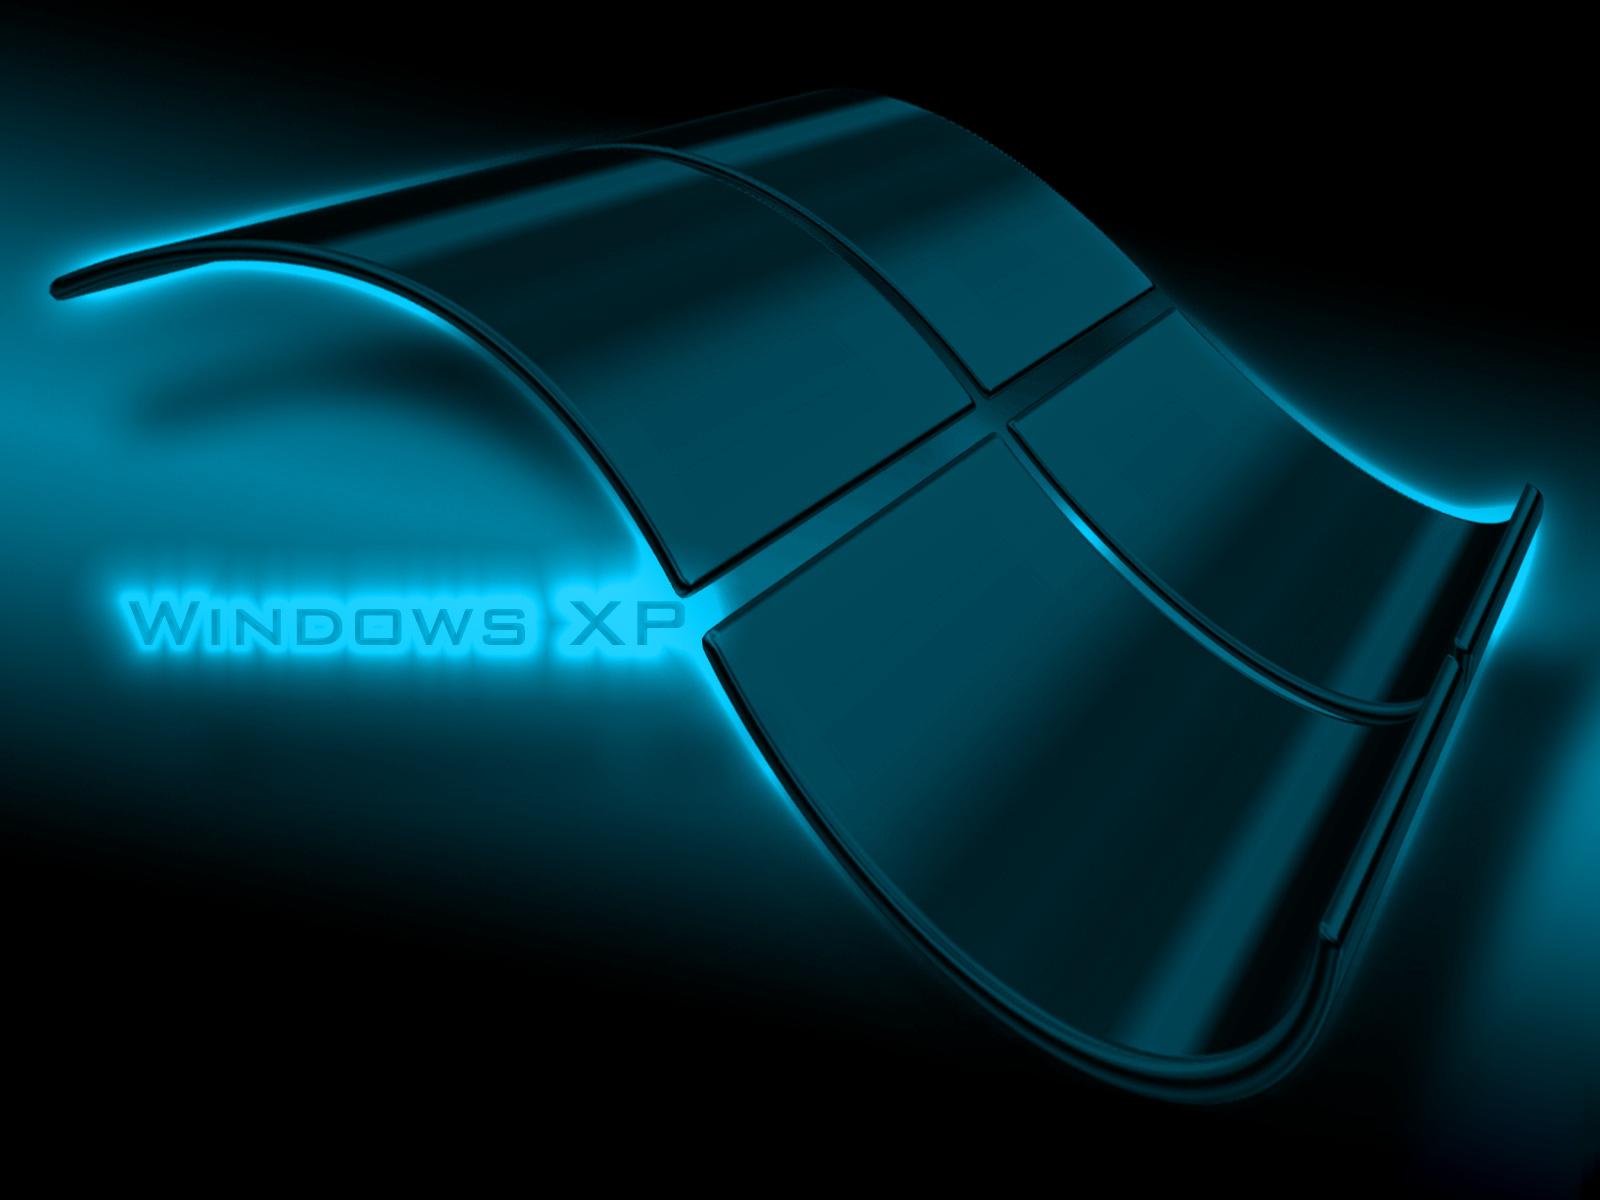 http://2.bp.blogspot.com/-AlUyGd_O7w0/TdU6lGNaneI/AAAAAAAAGkU/jh9gwTJuJFo/s1600/Window+xp+3d.jpg